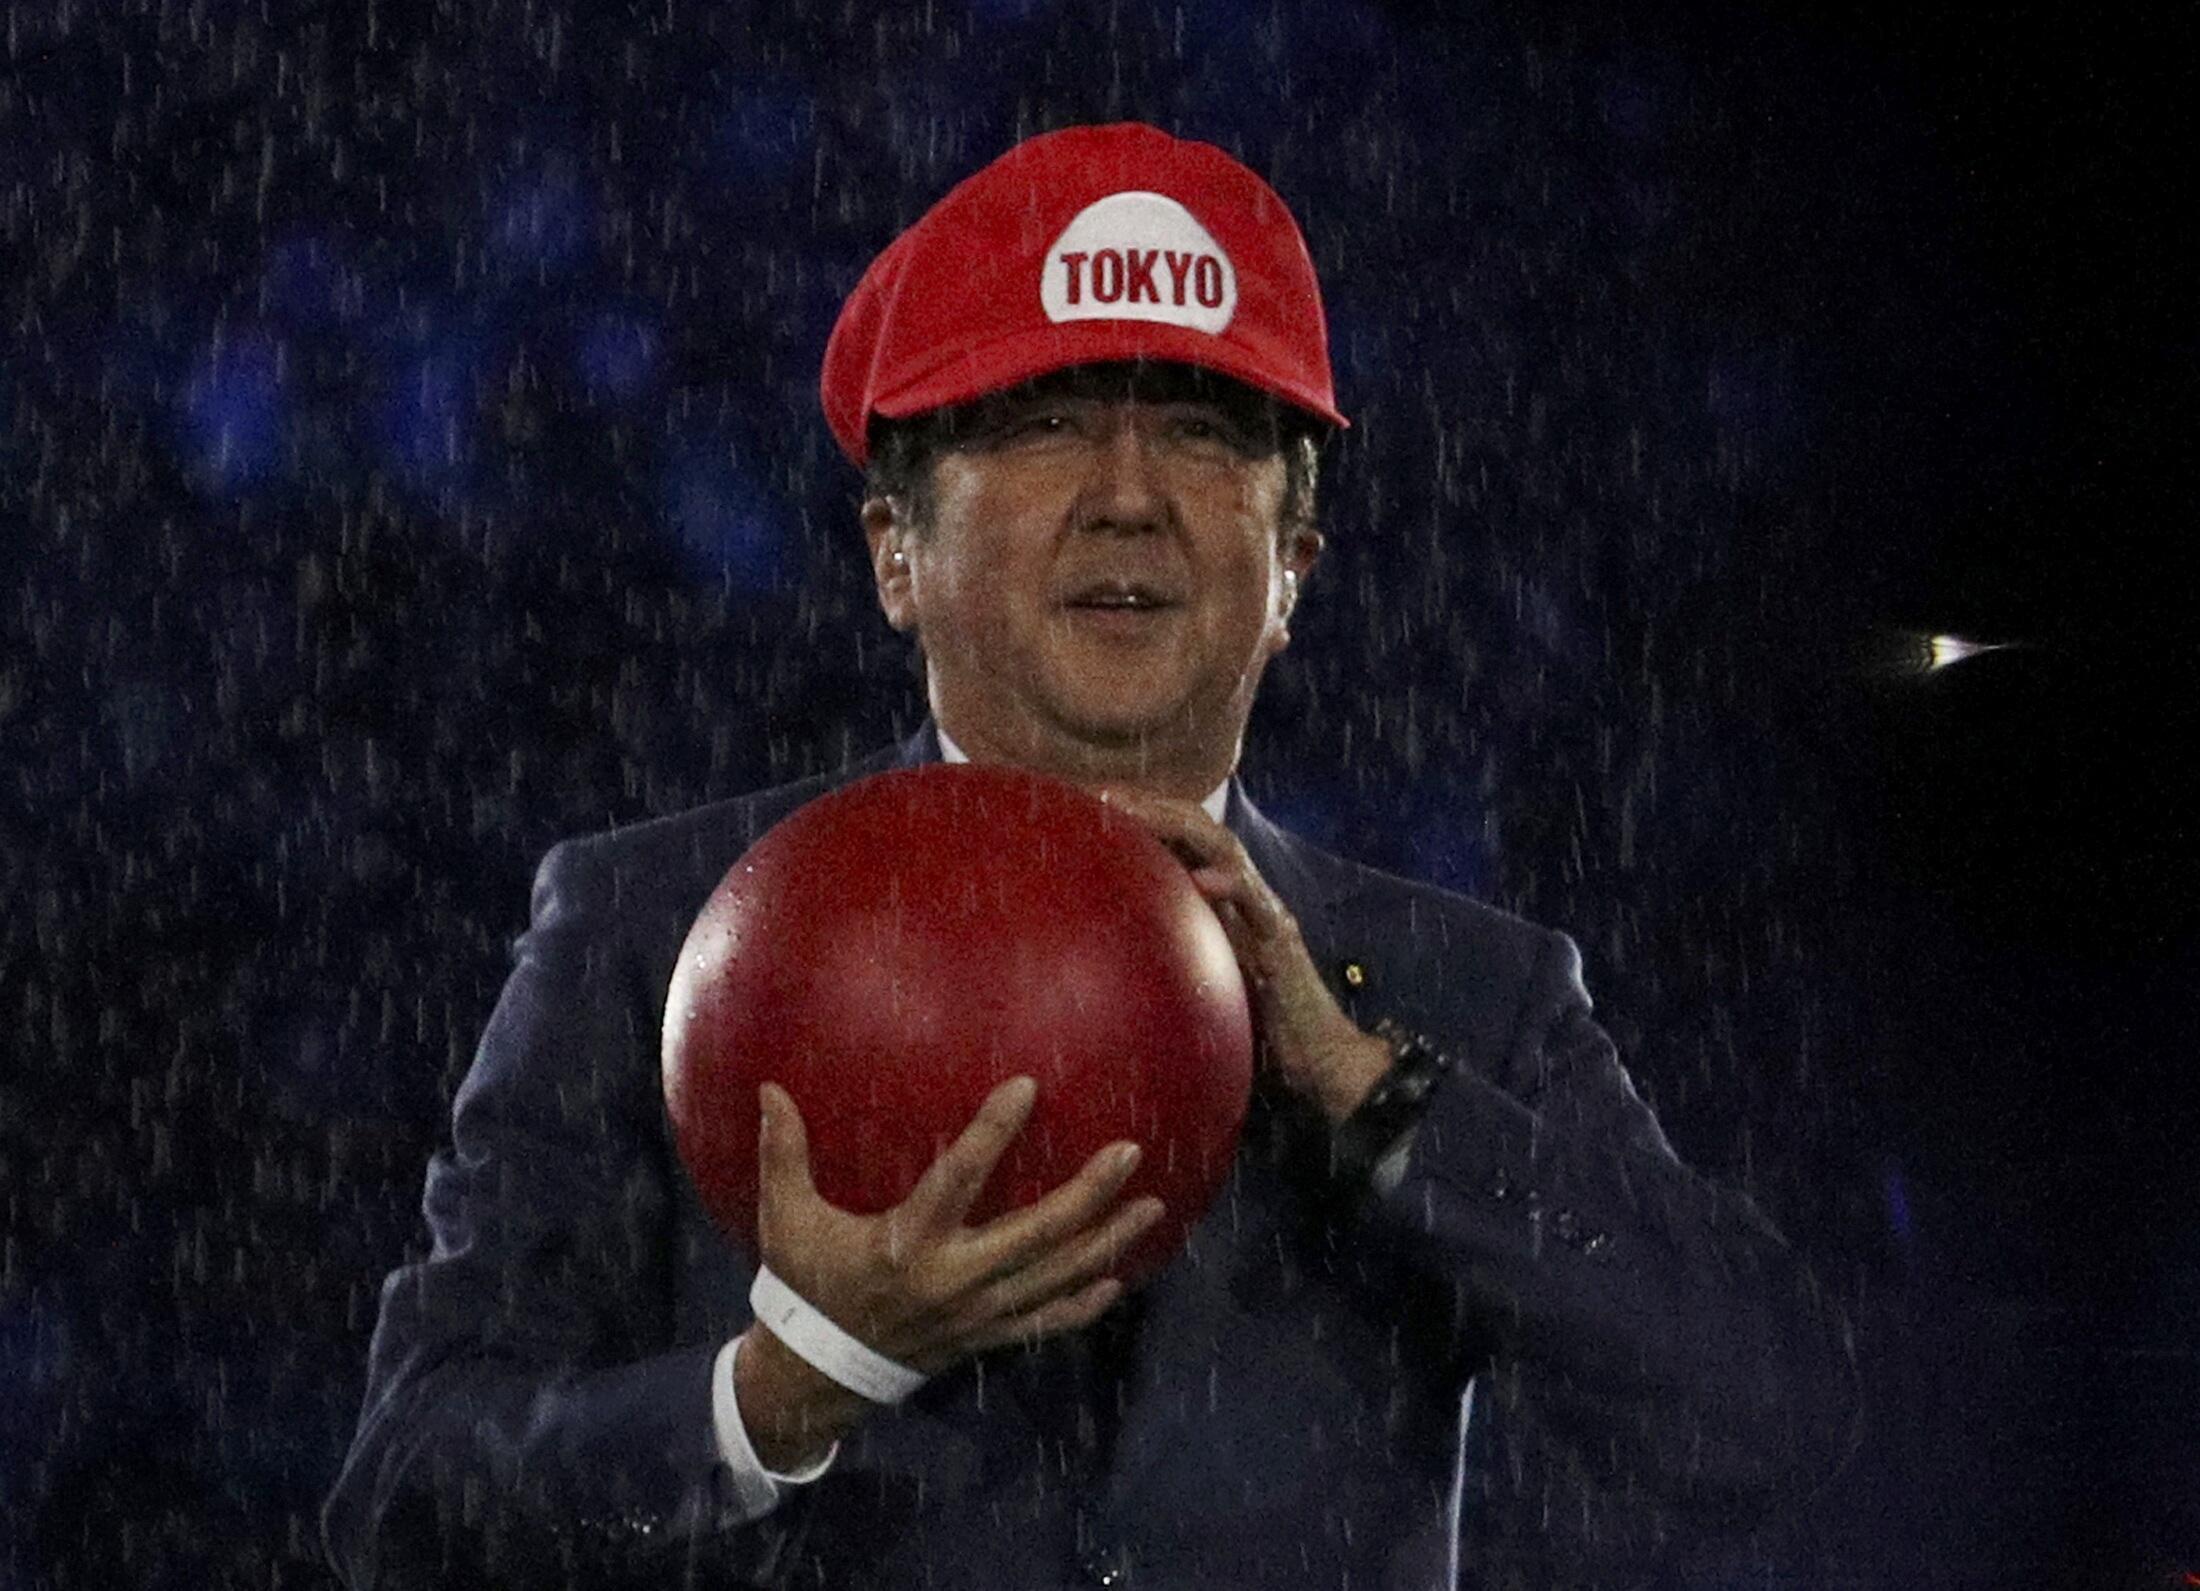 O primeiro-ministro Shinzo Abe apareceu de Super Mario no gramado do Maracanã.